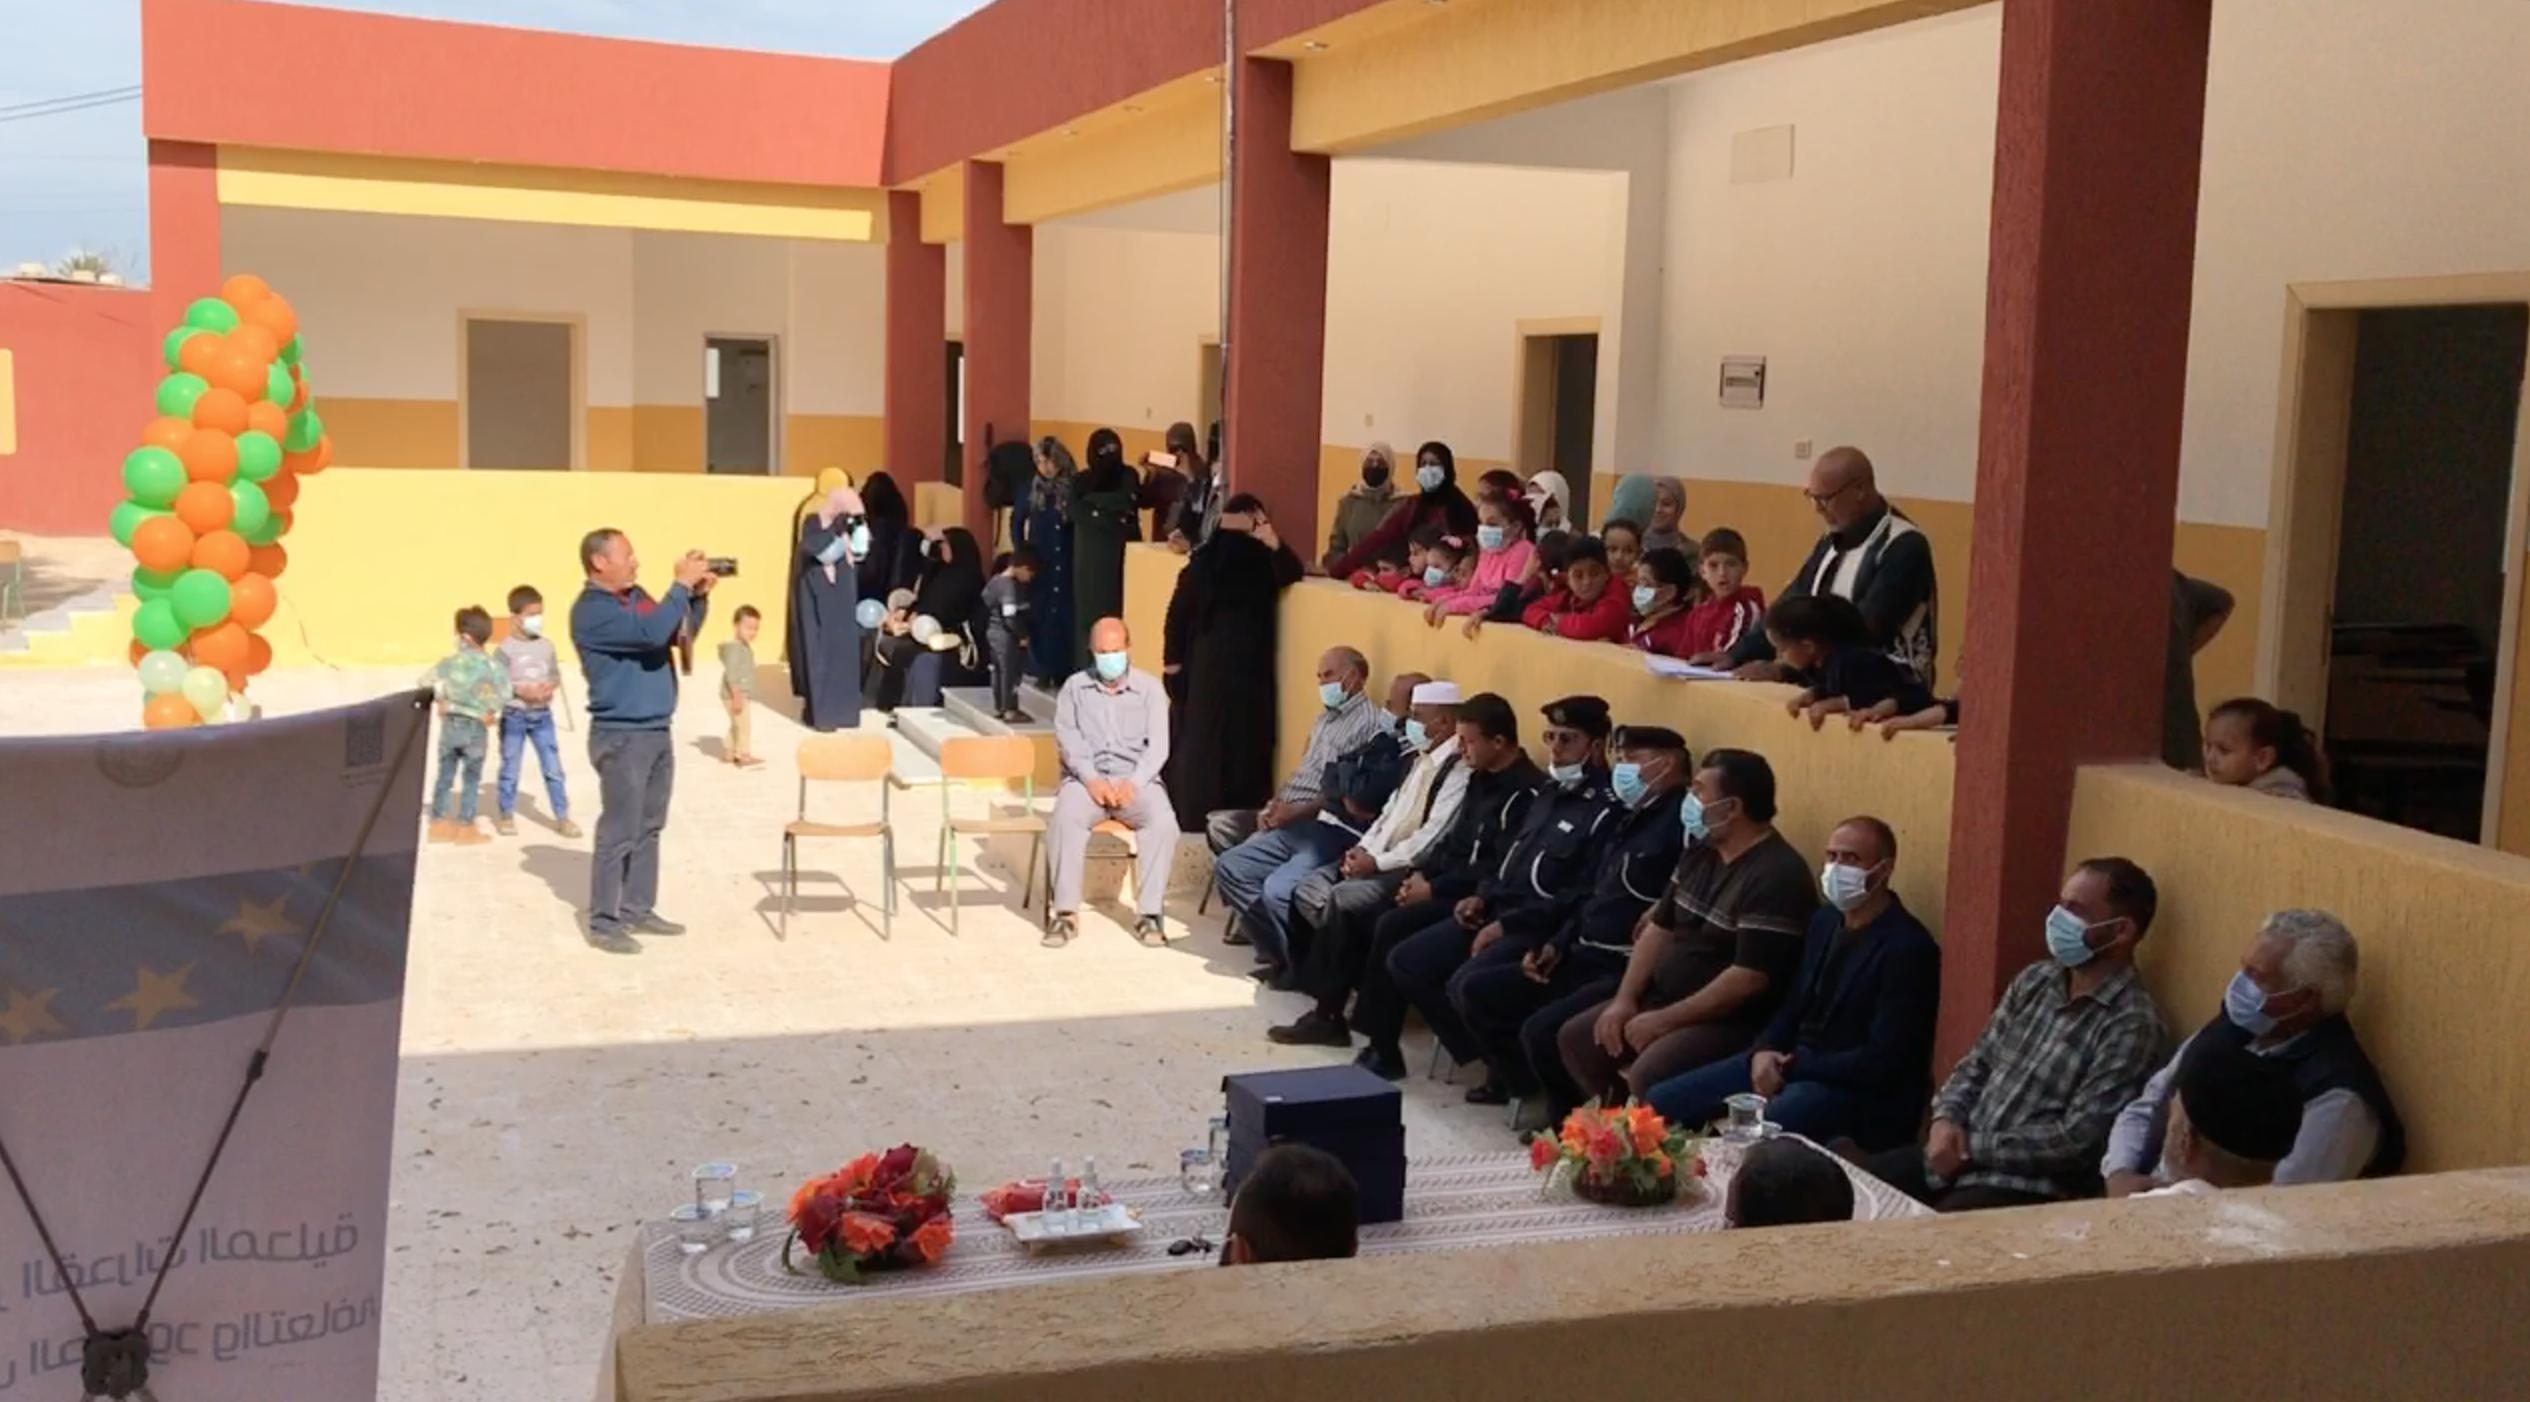 برنامج الأمم المتحدة الإنمائي يُنهي صيانة مدرستين في صبراتة